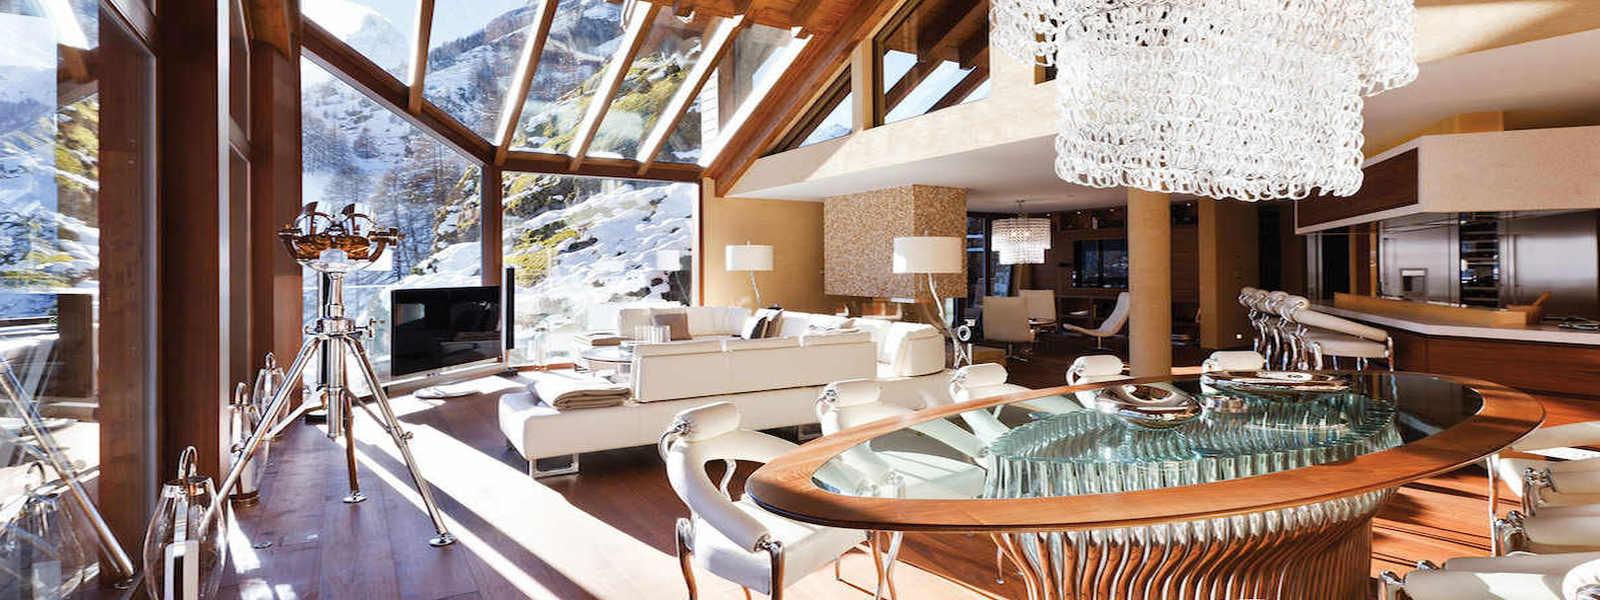 Luxury chalet Zermatt for rent with Ultra Luxury 5 star service